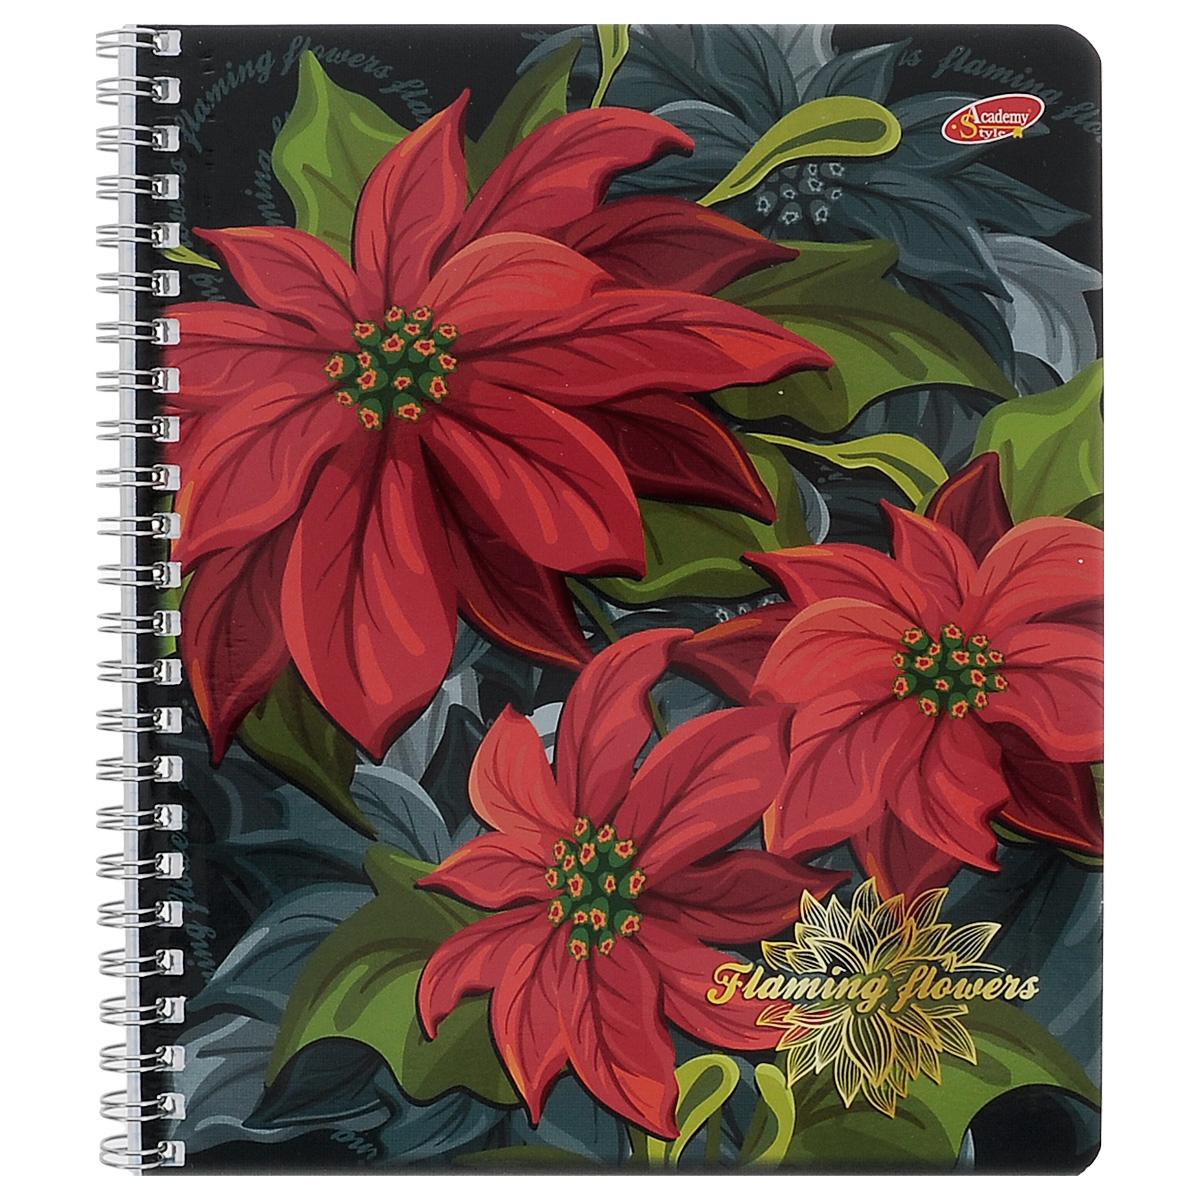 Тетрадь в клетку Flaming Flowers, цвет: красный, зеленый, 60 листов. 7088/37088/3_красныеТетрадь Flaming Flowers с красочным изображением ярких цветов на обложке подойдет для выполнения любых работ.Обложка тетради с закругленными углами изготовлена из мелованного картона.Внутренний блок тетради соединен металлической пружиной и состоит из 60 листов высококачественной бумаги повышенной белизны.